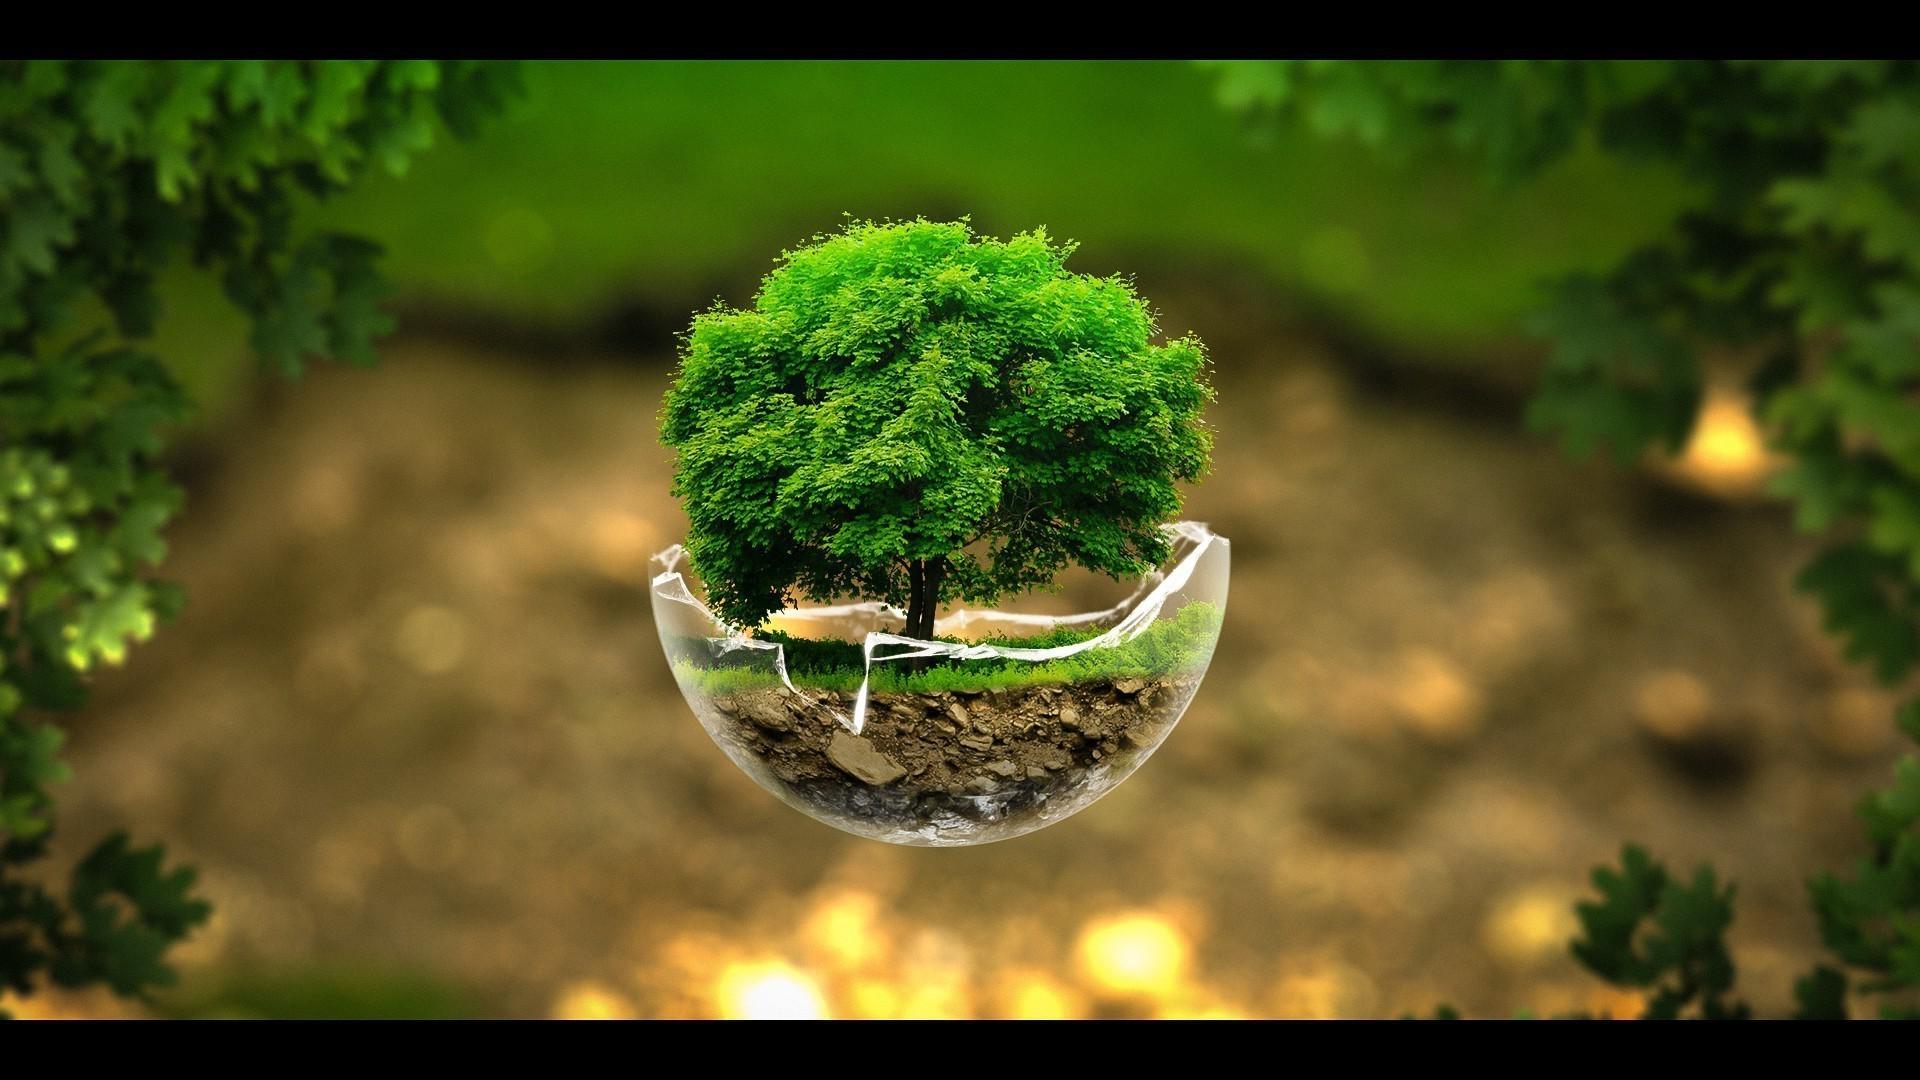 экология картинки высокого качества обязательно использовать